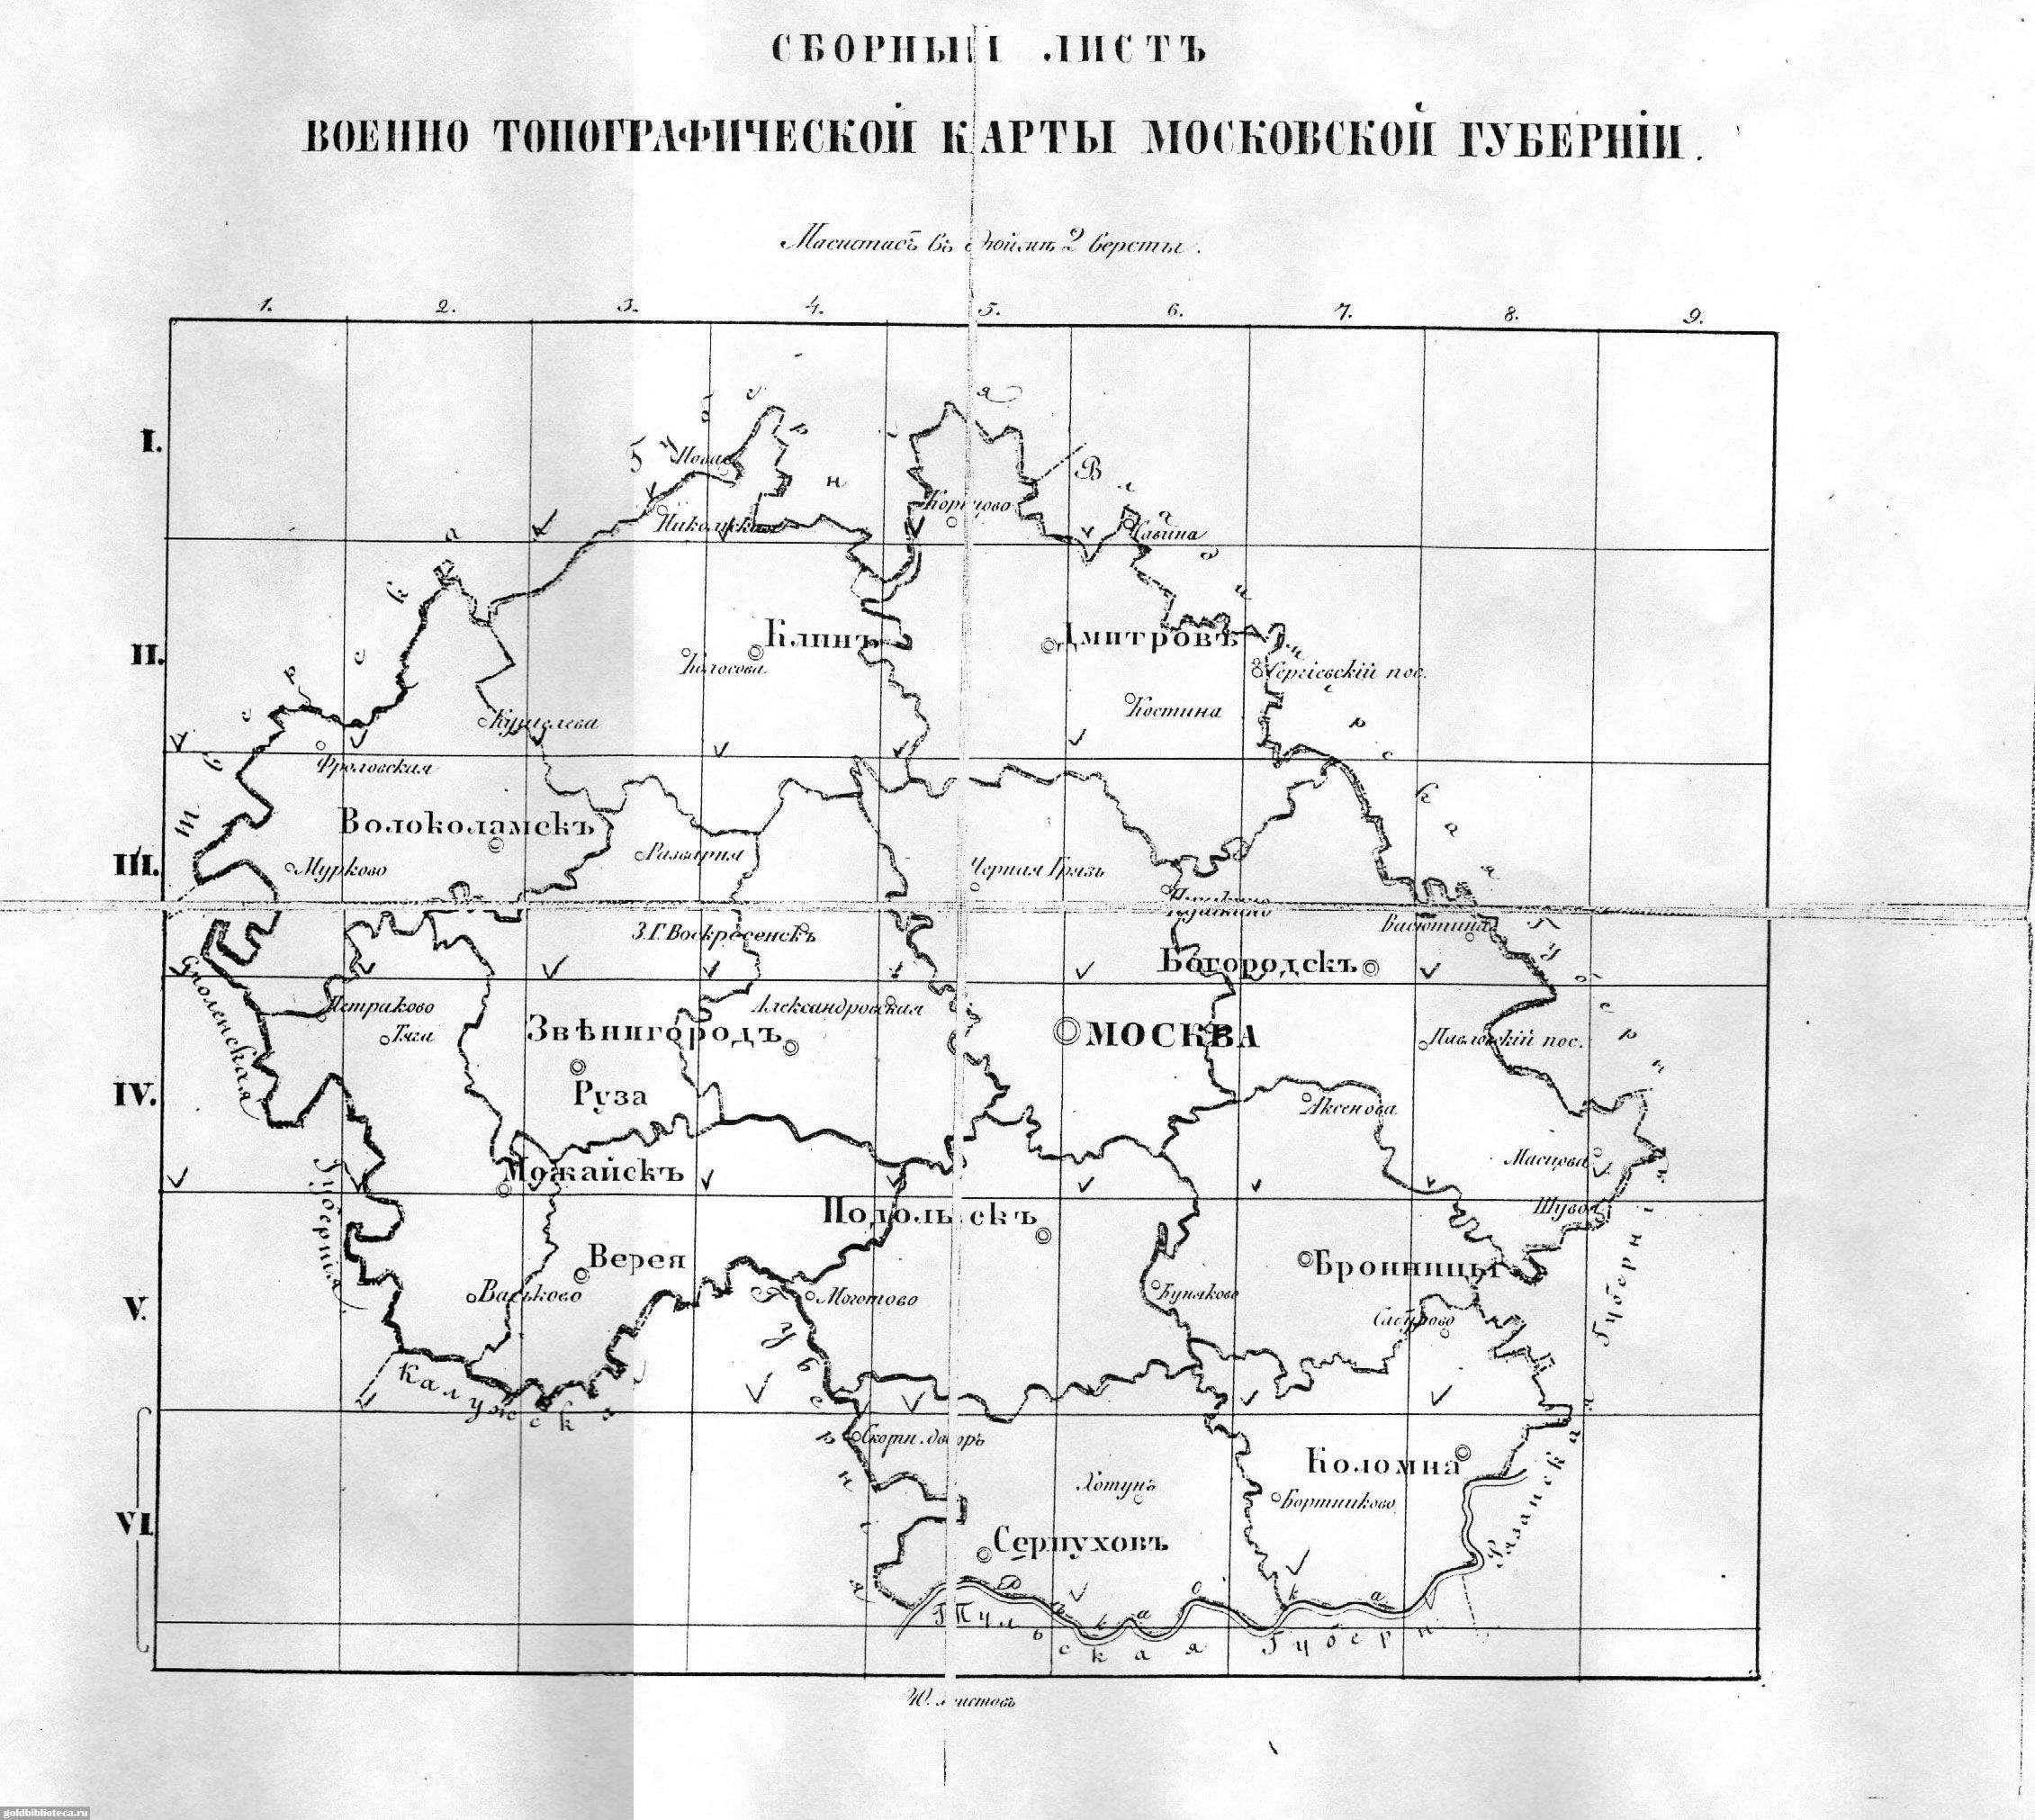 Заказать Южно-Сахалинск карту дебетовую